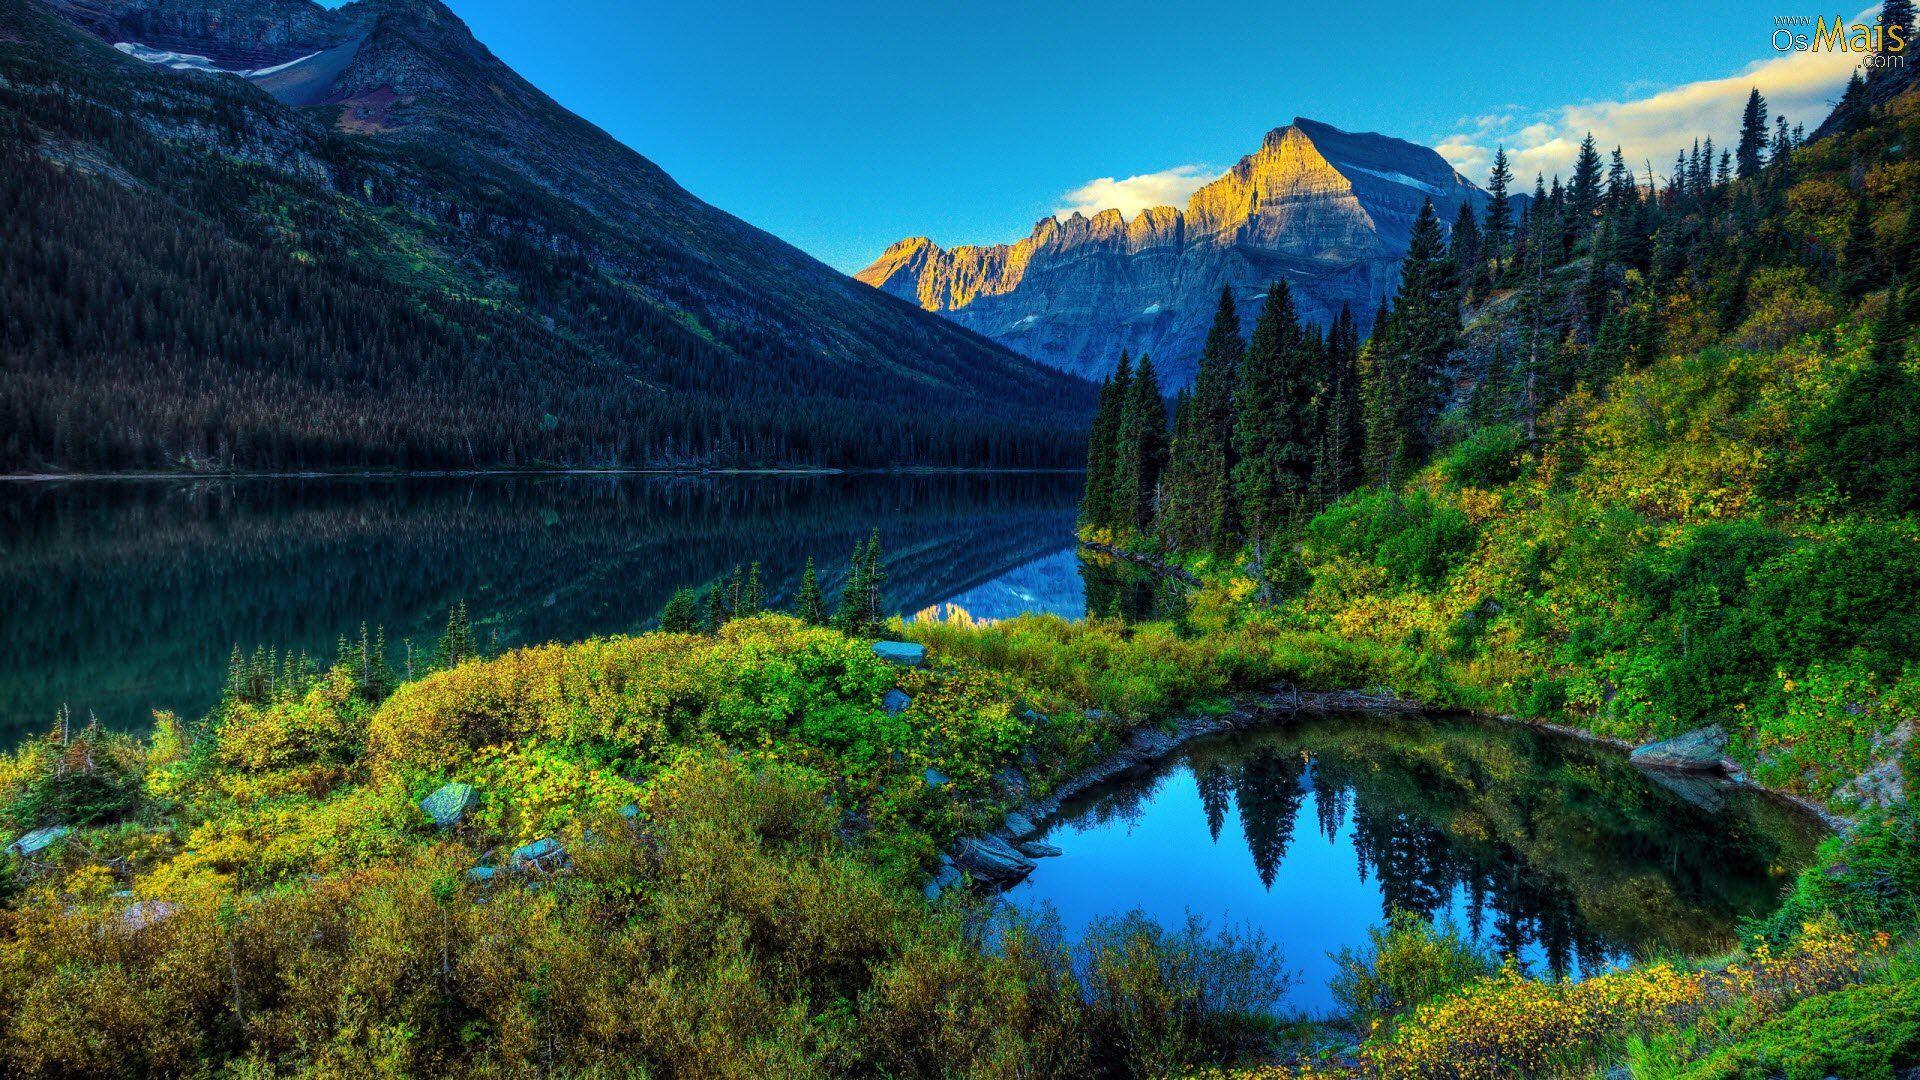 Resultado De Imagem Para Imagens Maravilhosas Da Natureza Em